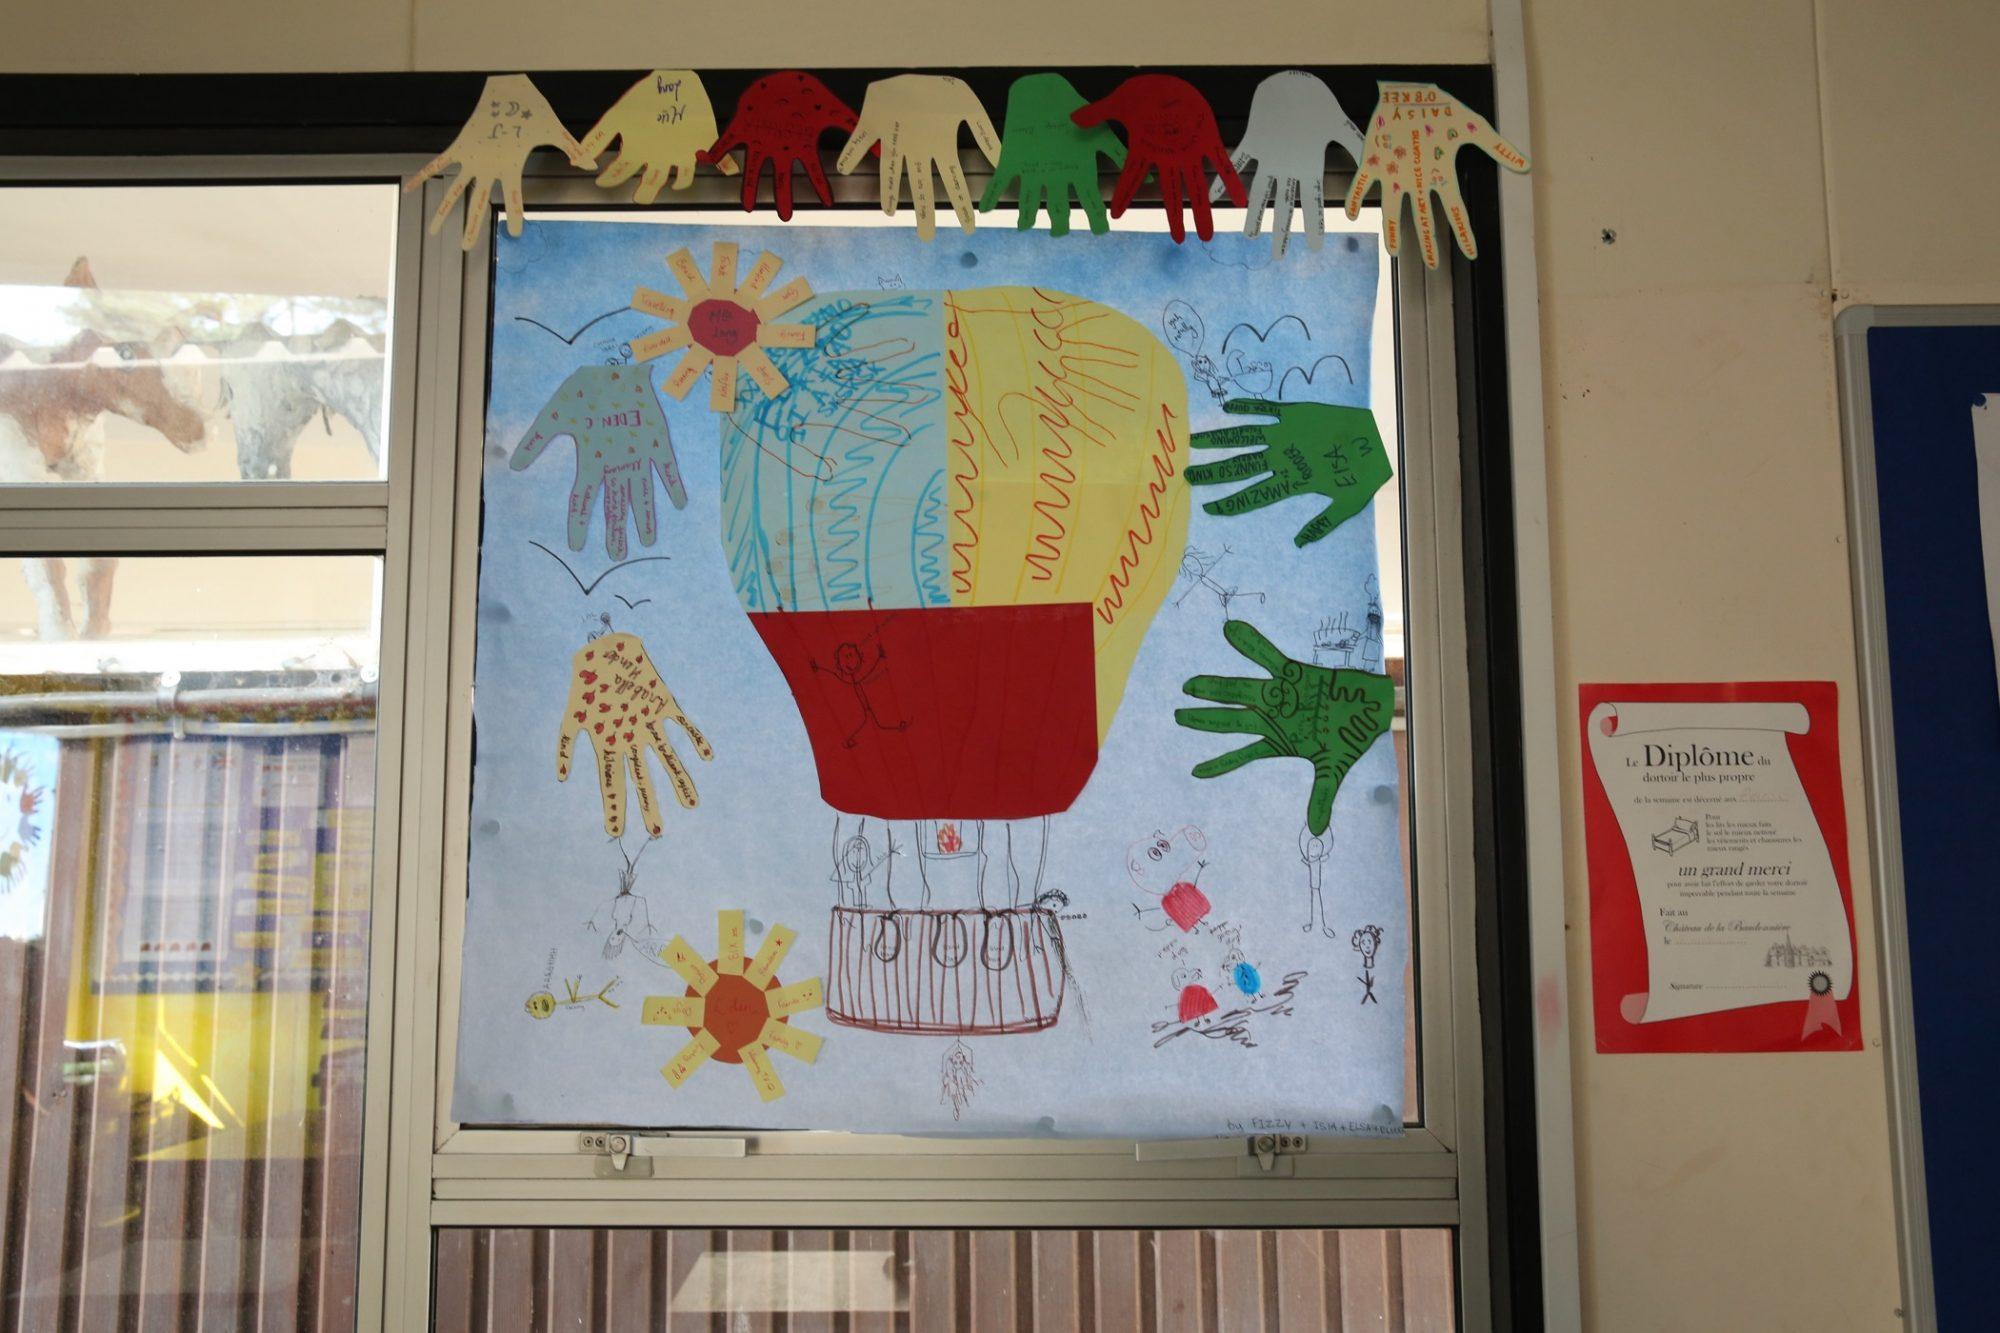 Hanford School-Hanford Well-being days 6